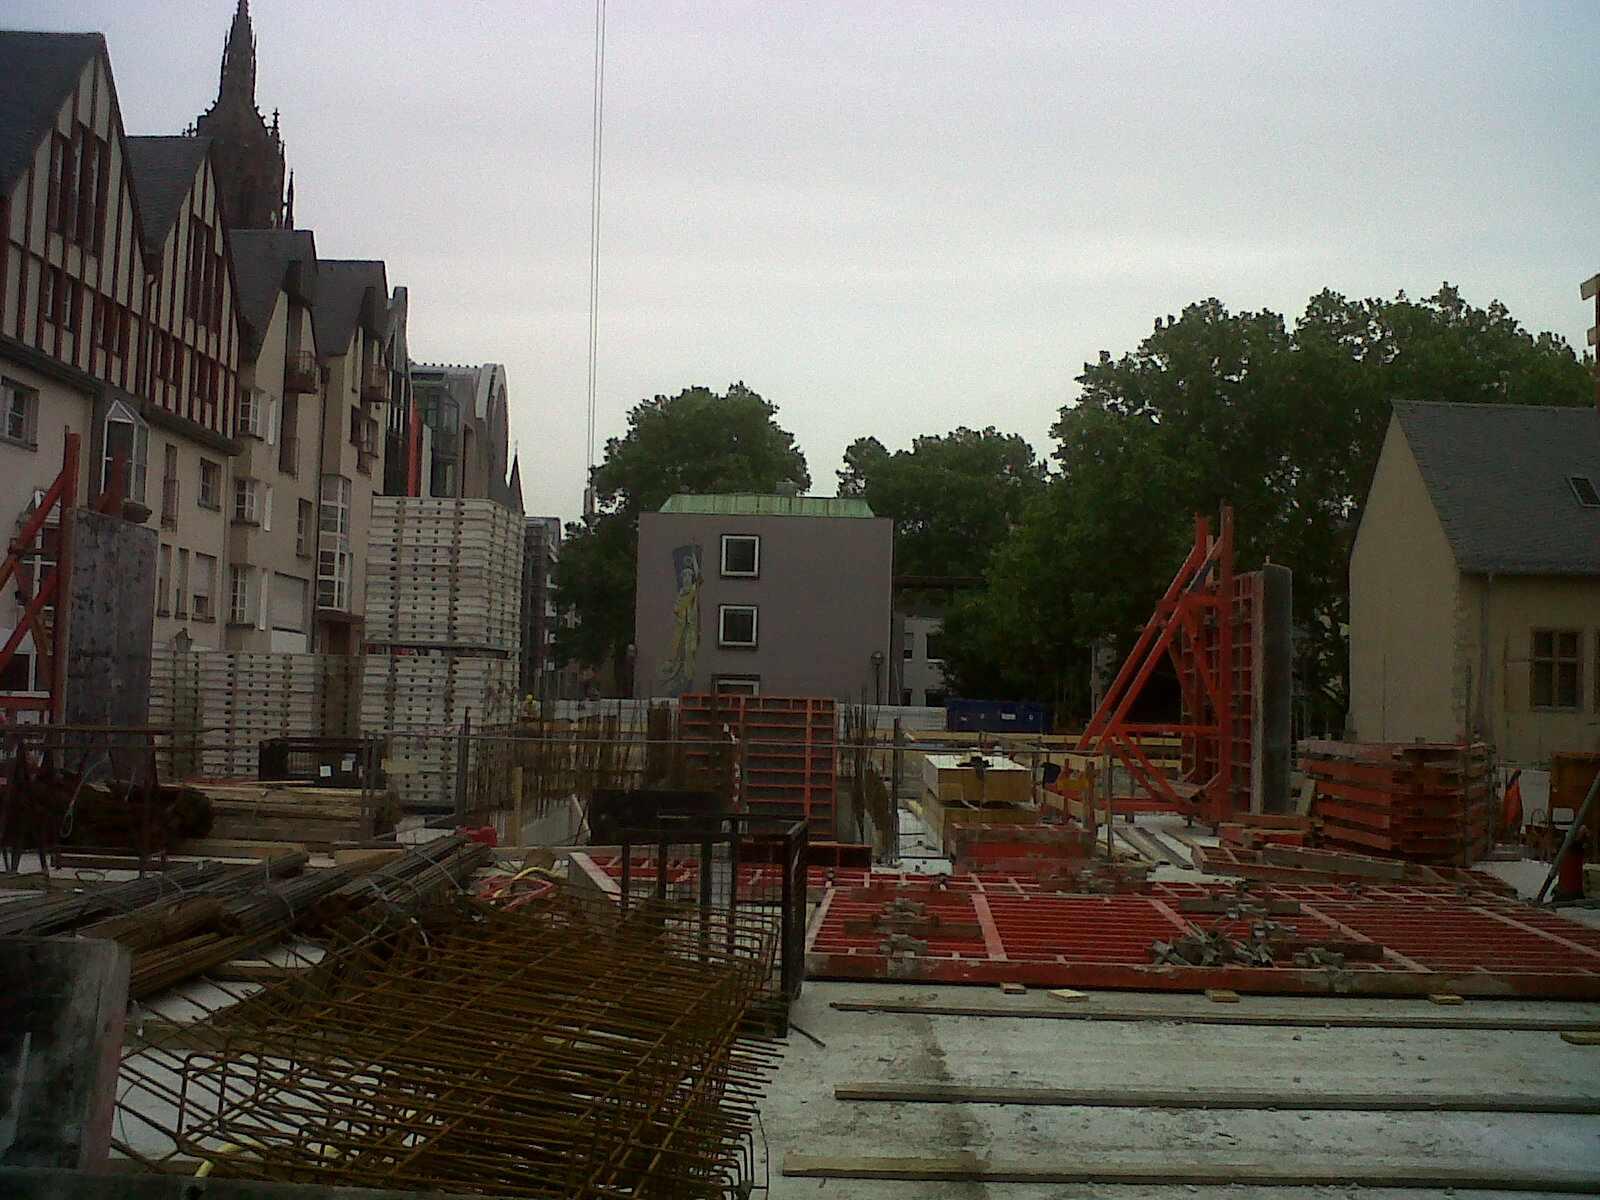 historisches museum frankfurt: Blick in die Baugrube – Ausstellungsraum und Museumsplatz